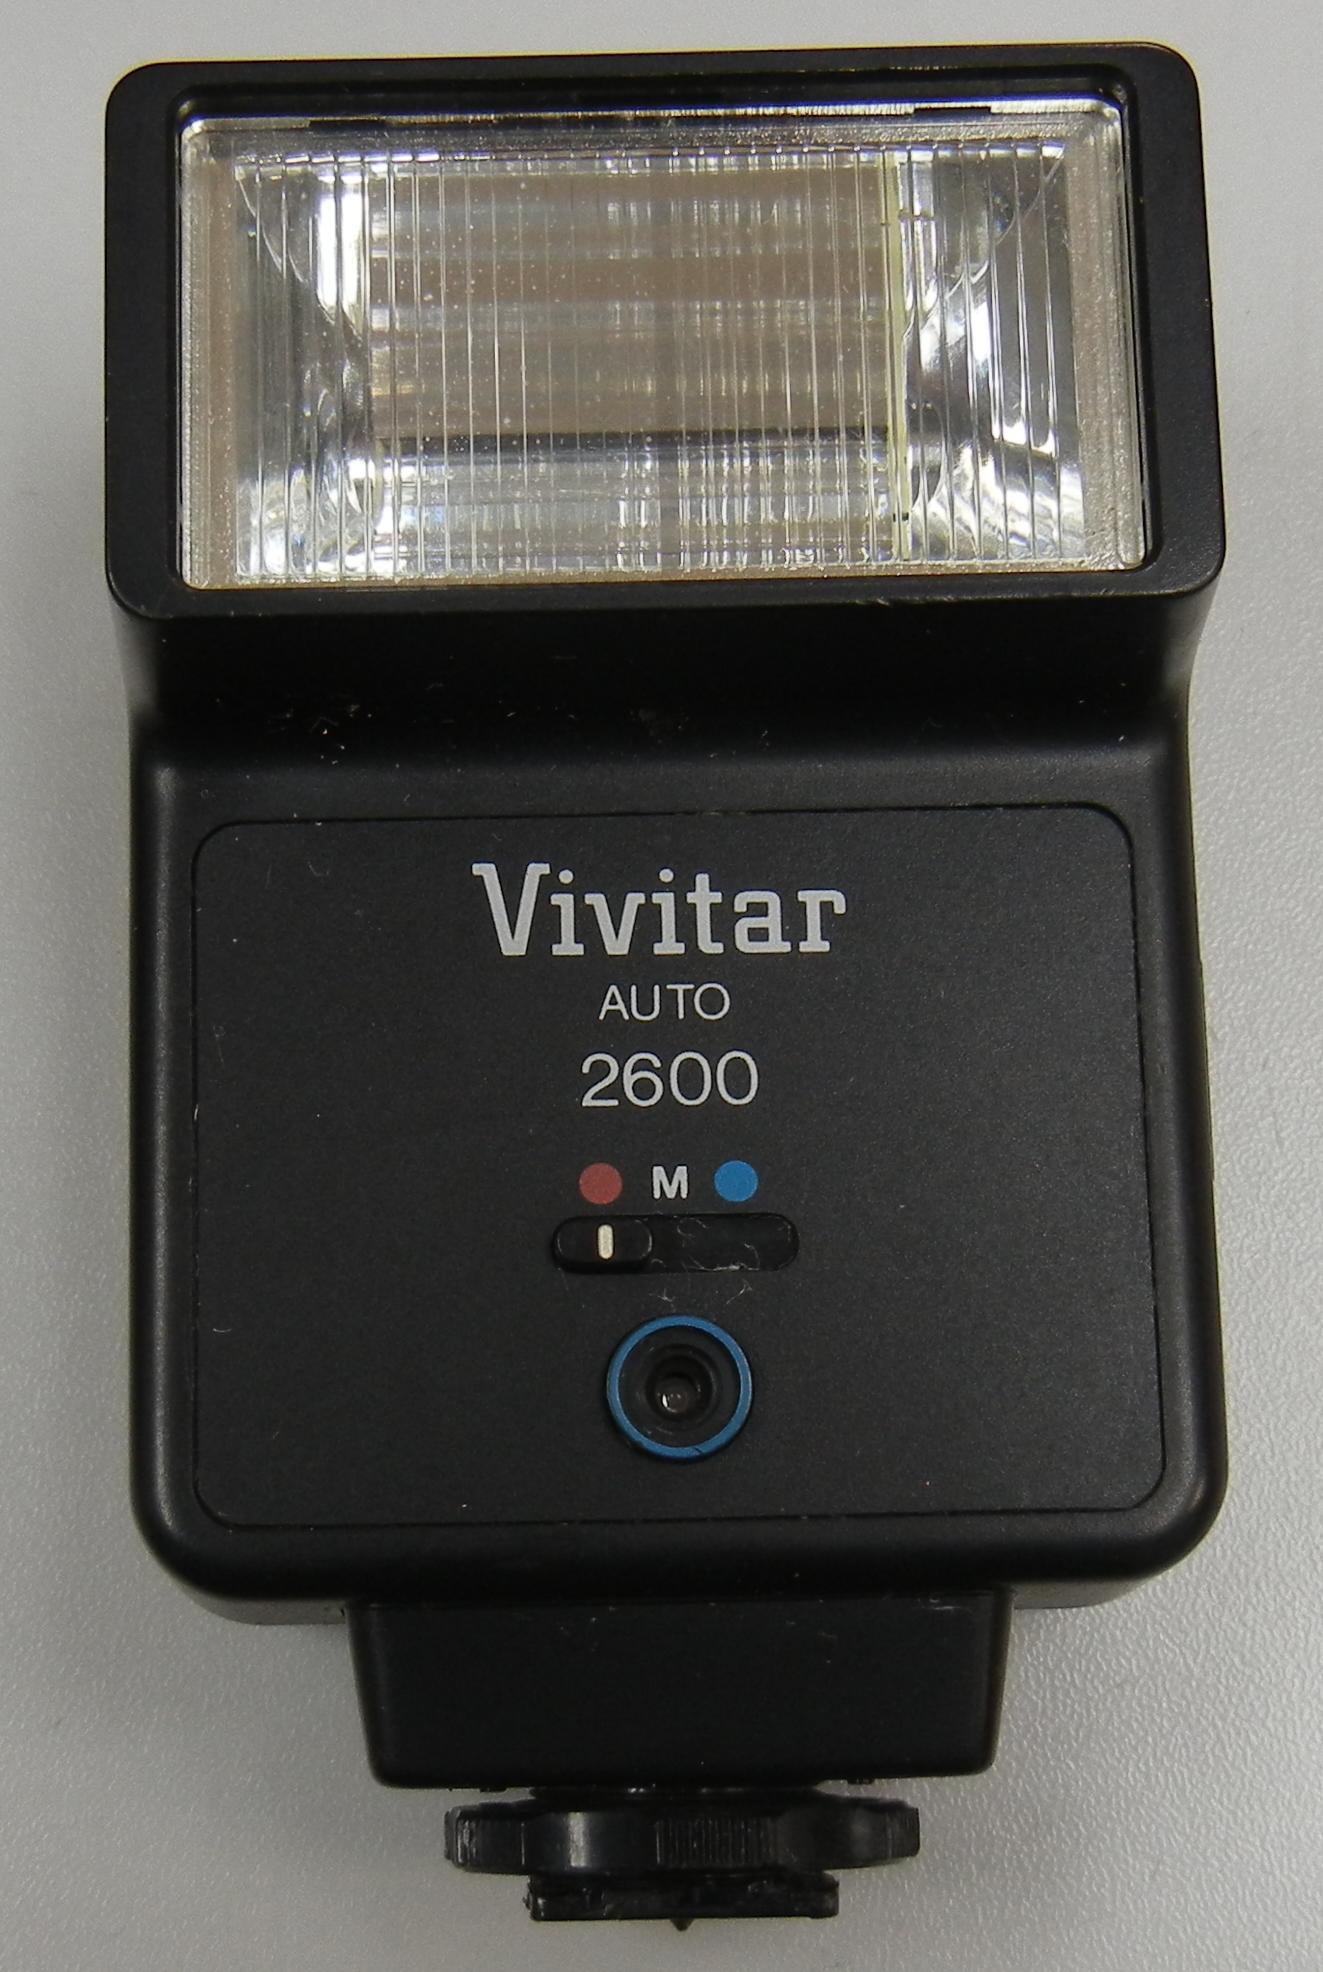 VIVITAR - 2600 - AUTO FLASH